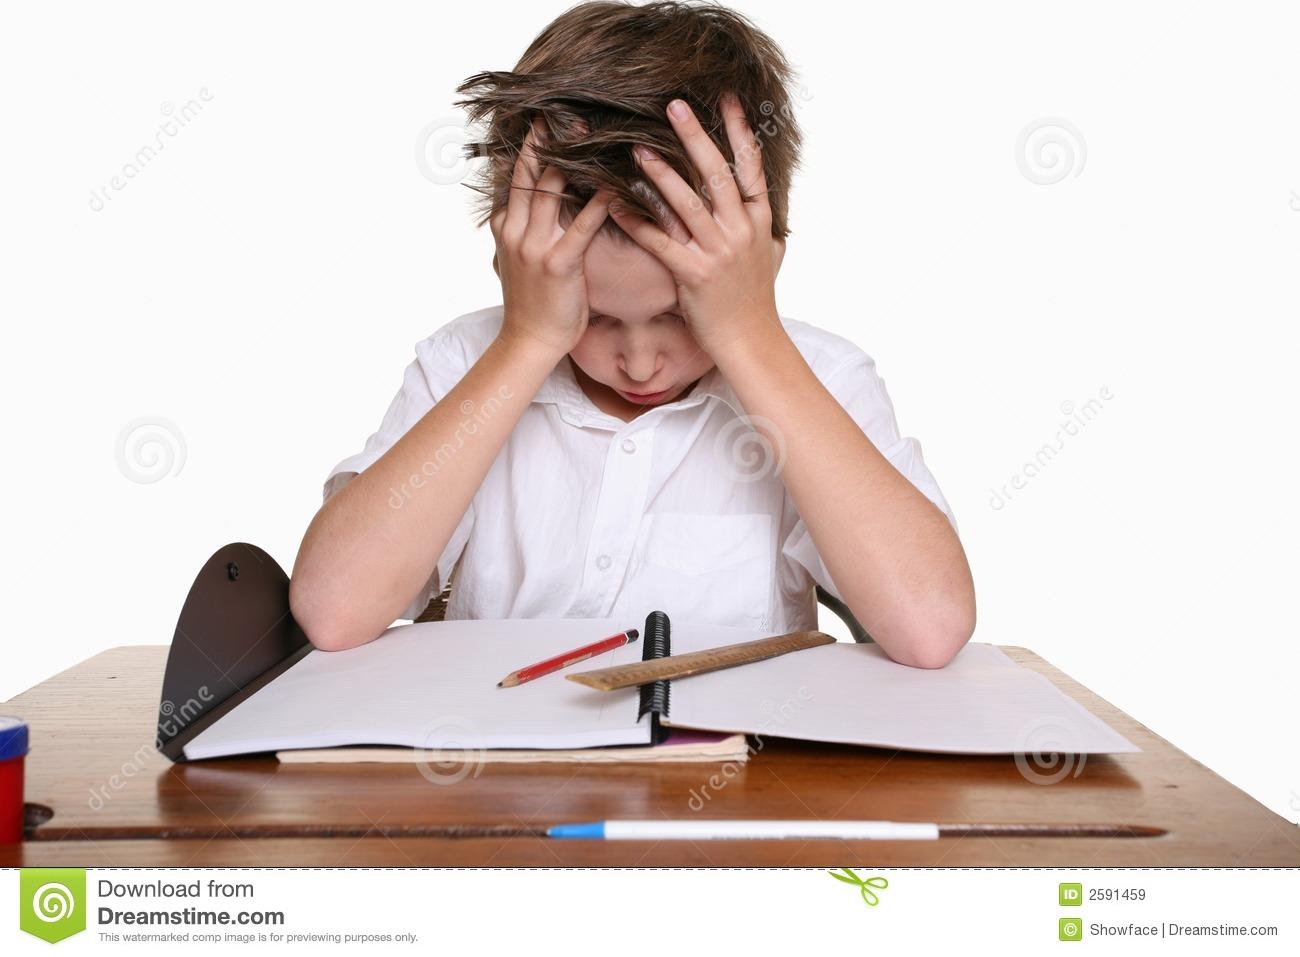 Homework clipart difficult #8